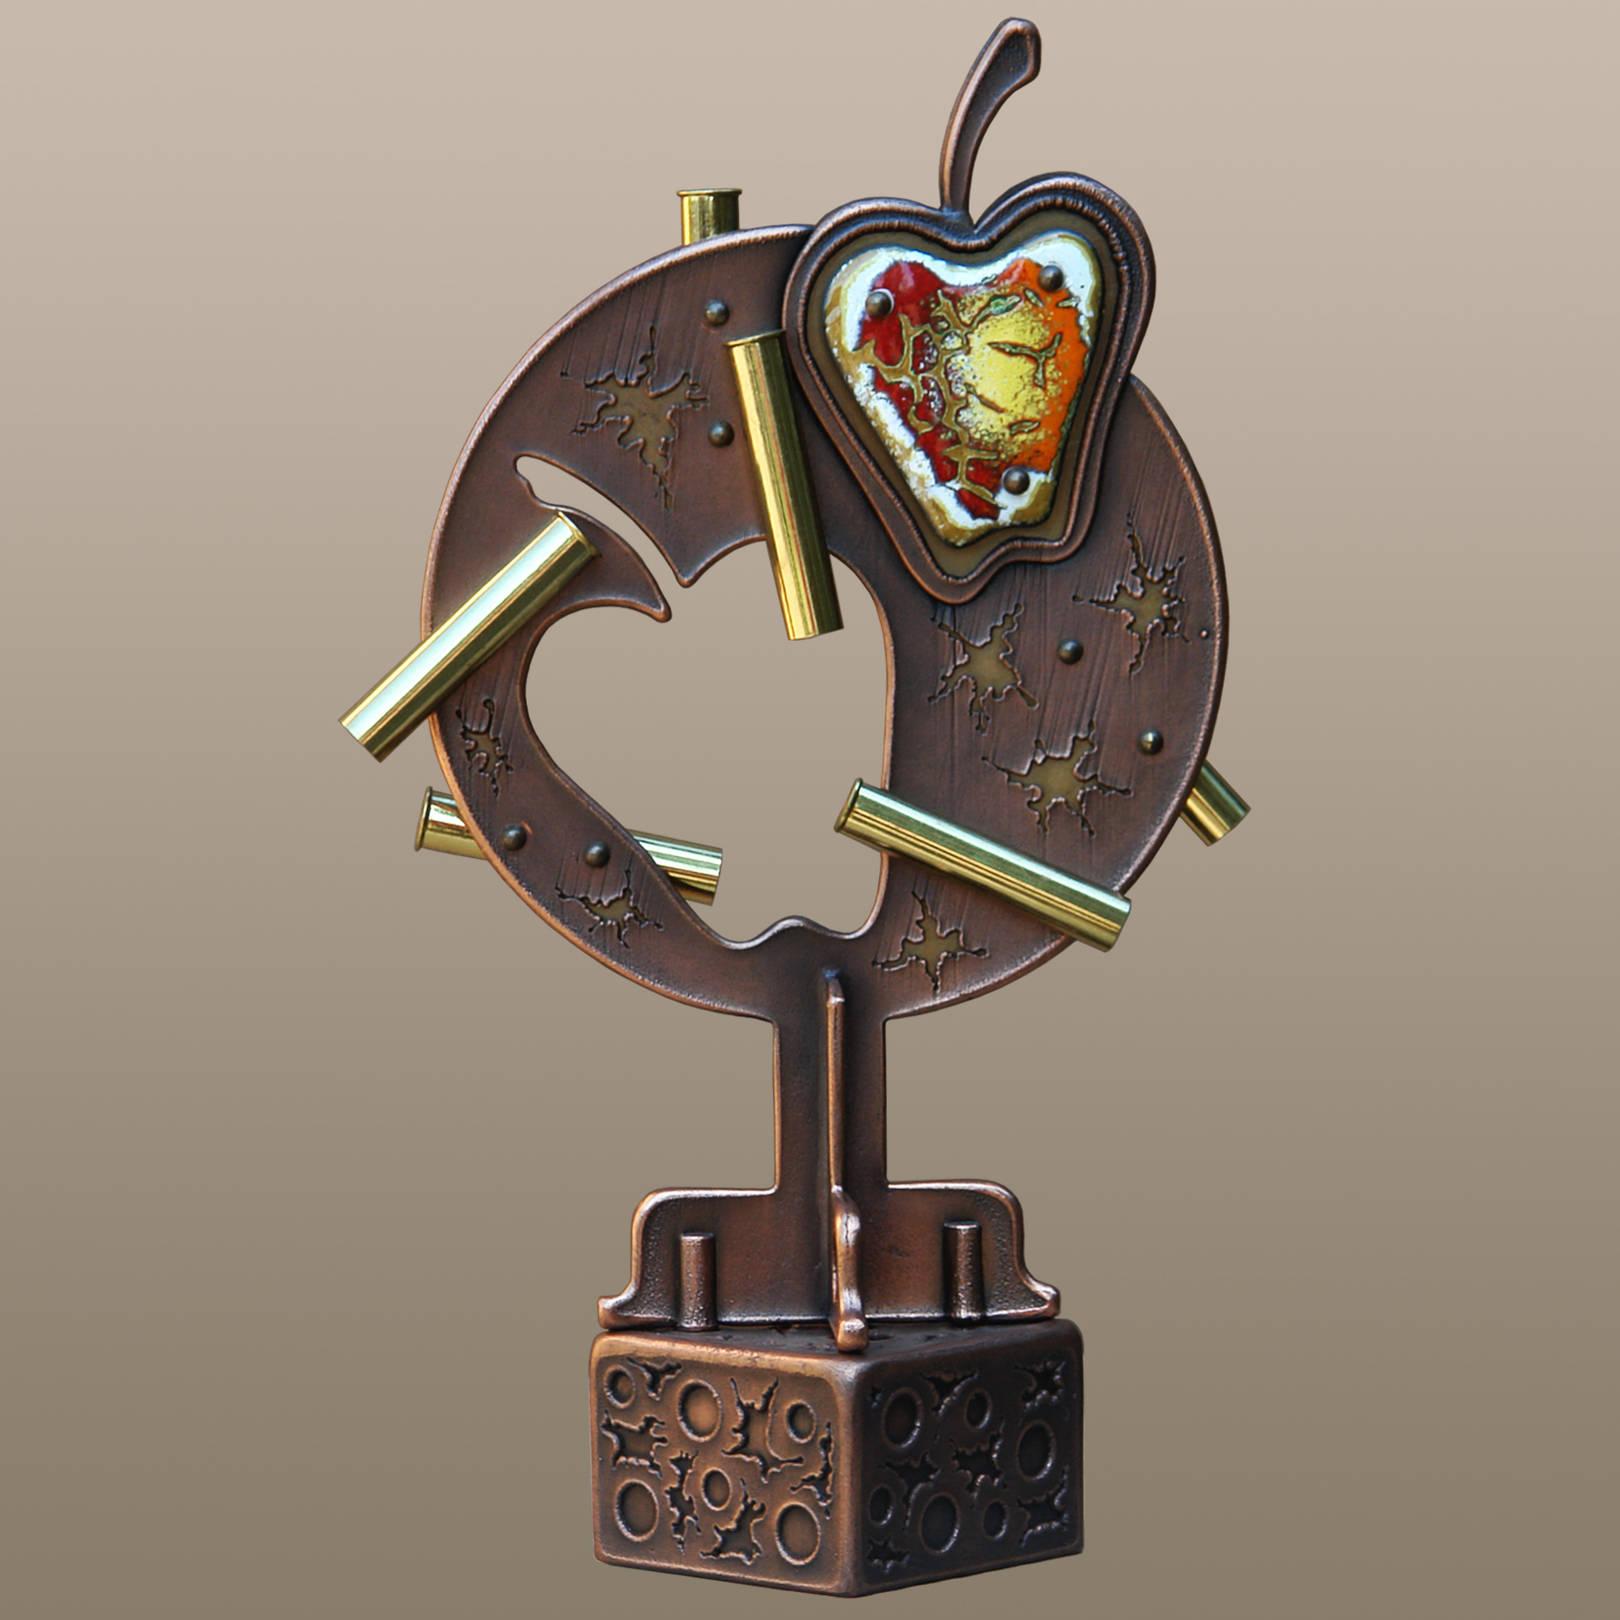 """""""Цель поверженная в яблочко"""" Видеоролик работы - https://www.youtube.com/watch?v=lHTWW6gaLbg&feature=youtu.be"""